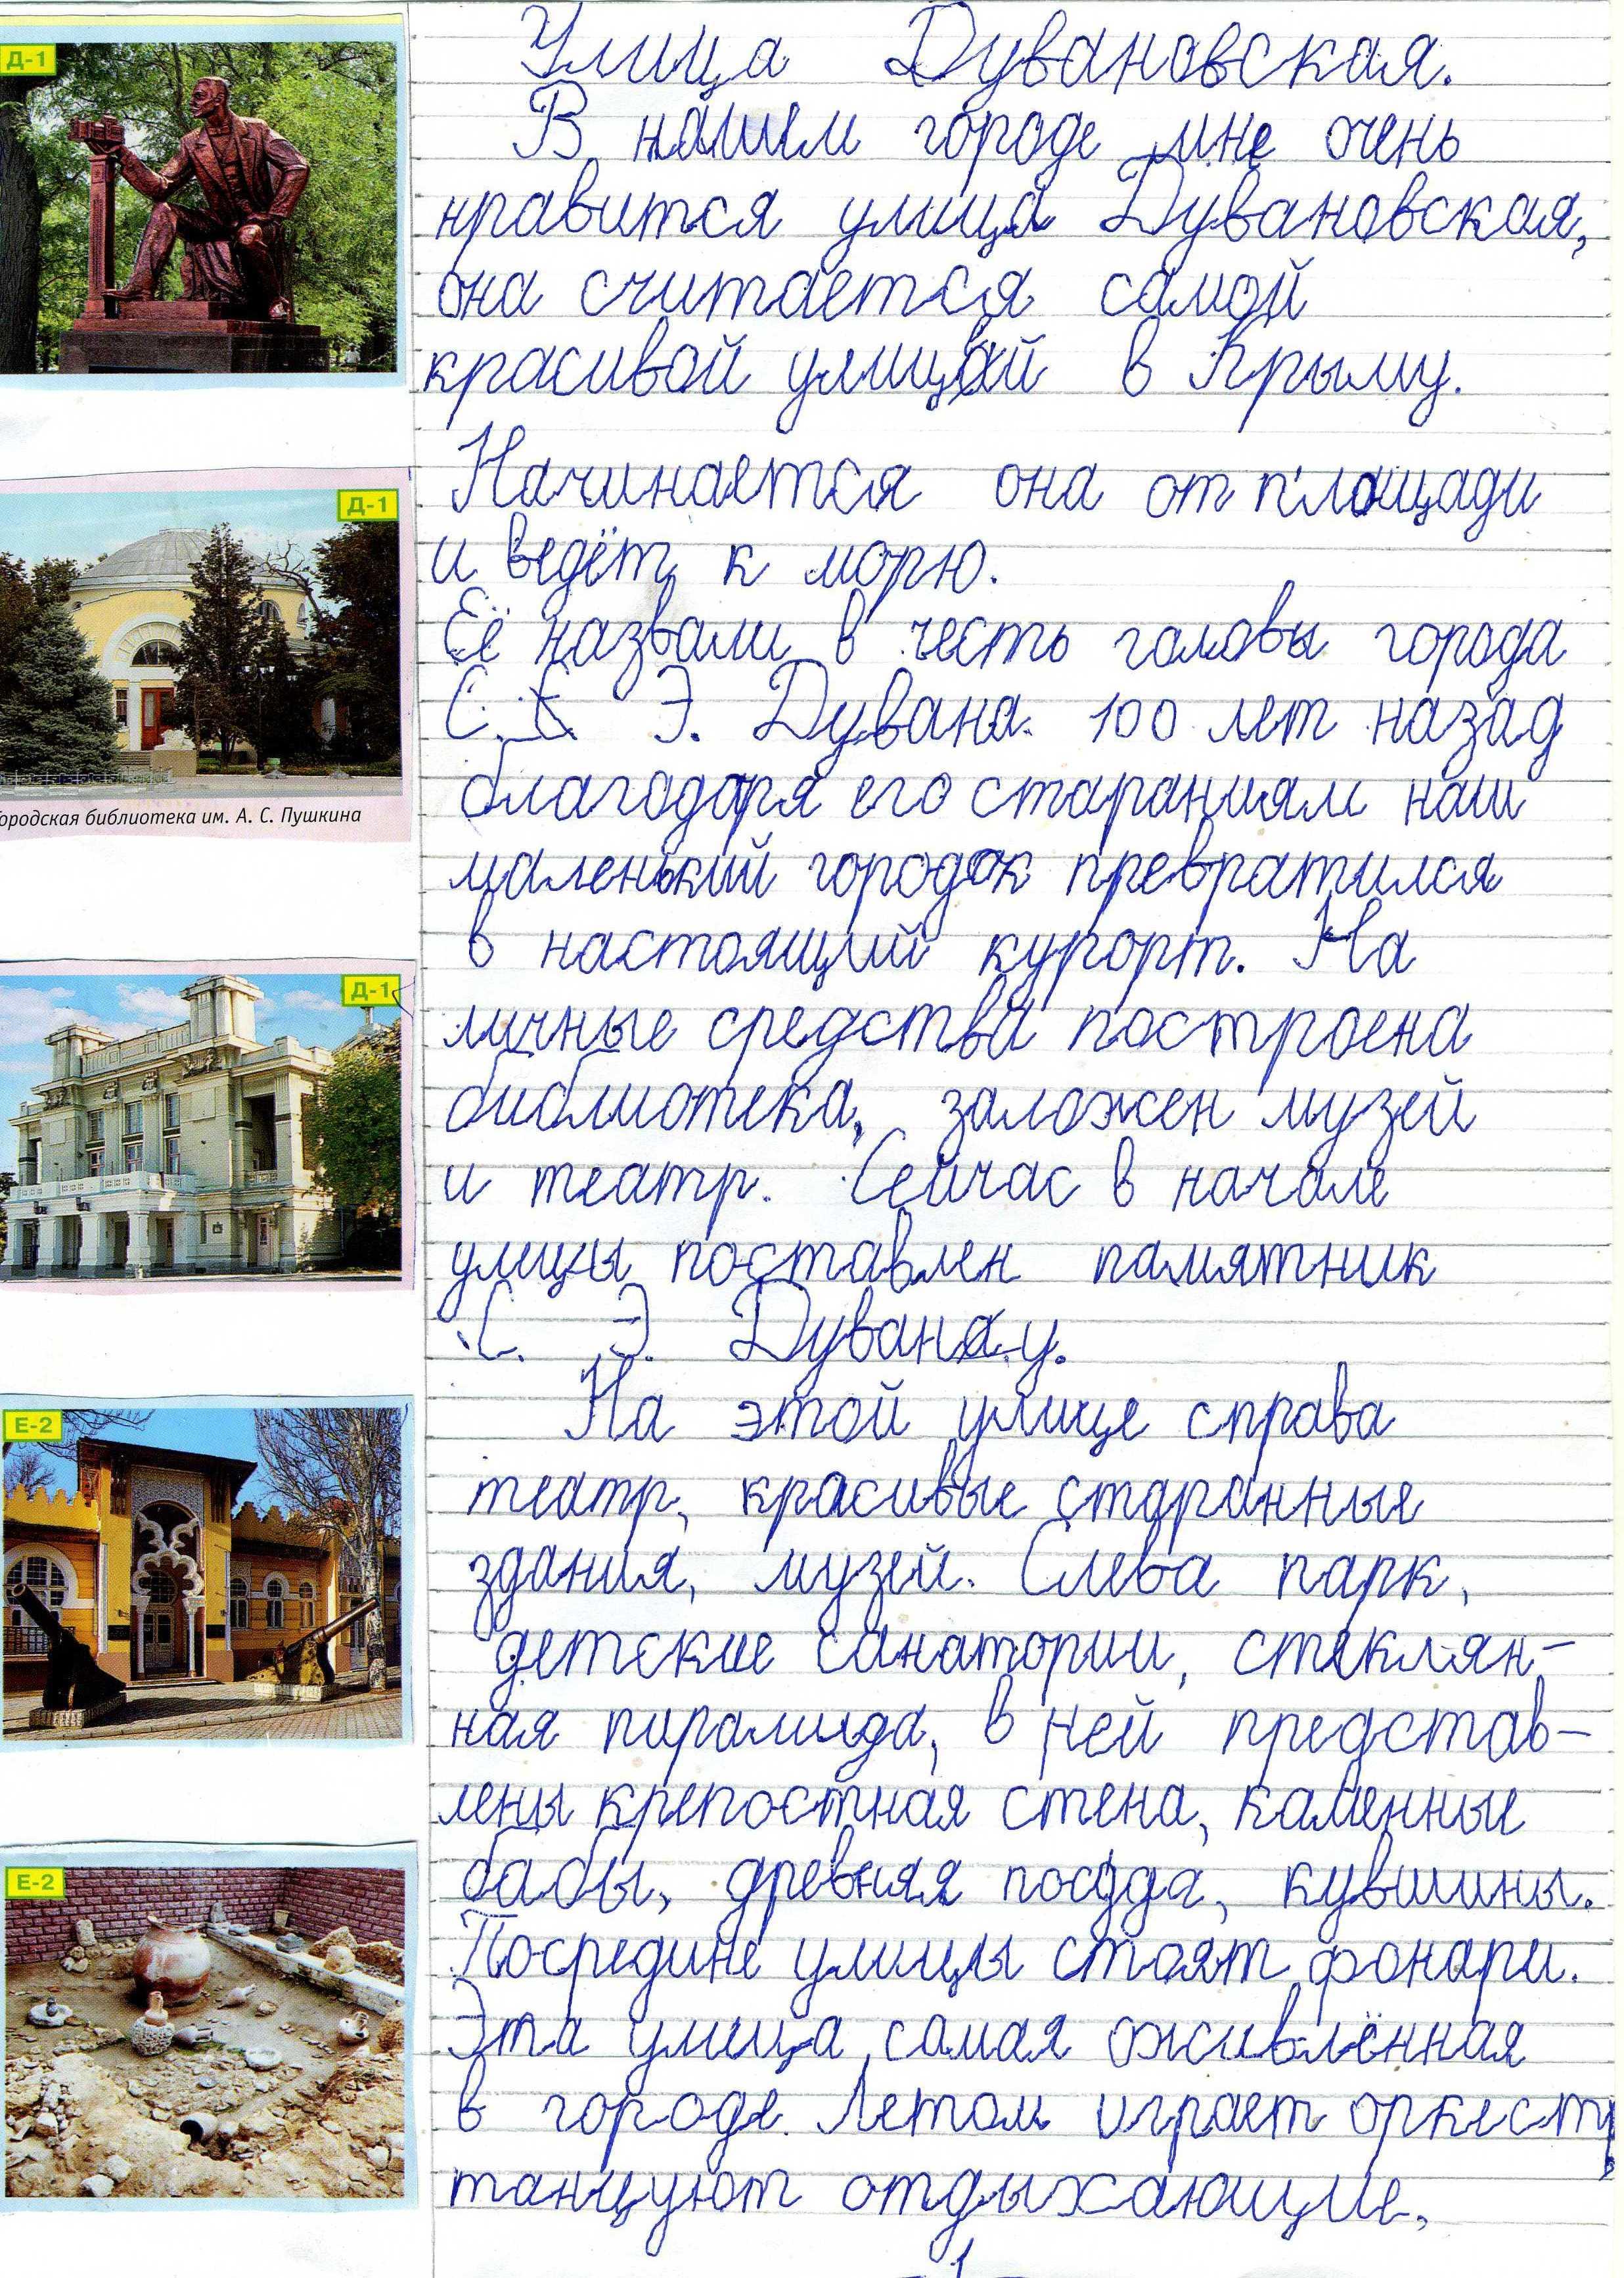 C:\Documents and Settings\Администратор\Мои документы\Мои рисунки\img009.jpg